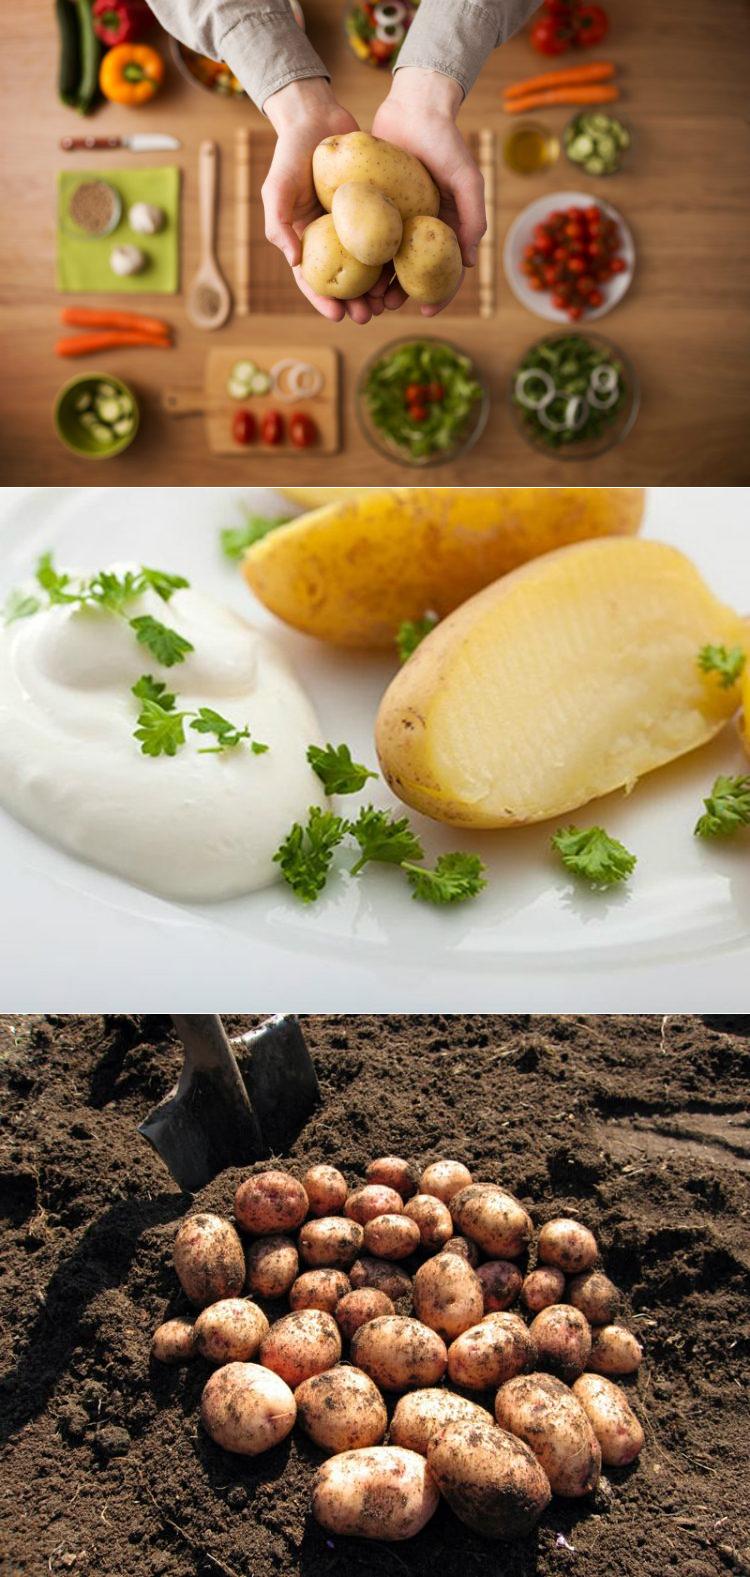 Мясная Картофельная Диета. Картофельная диета